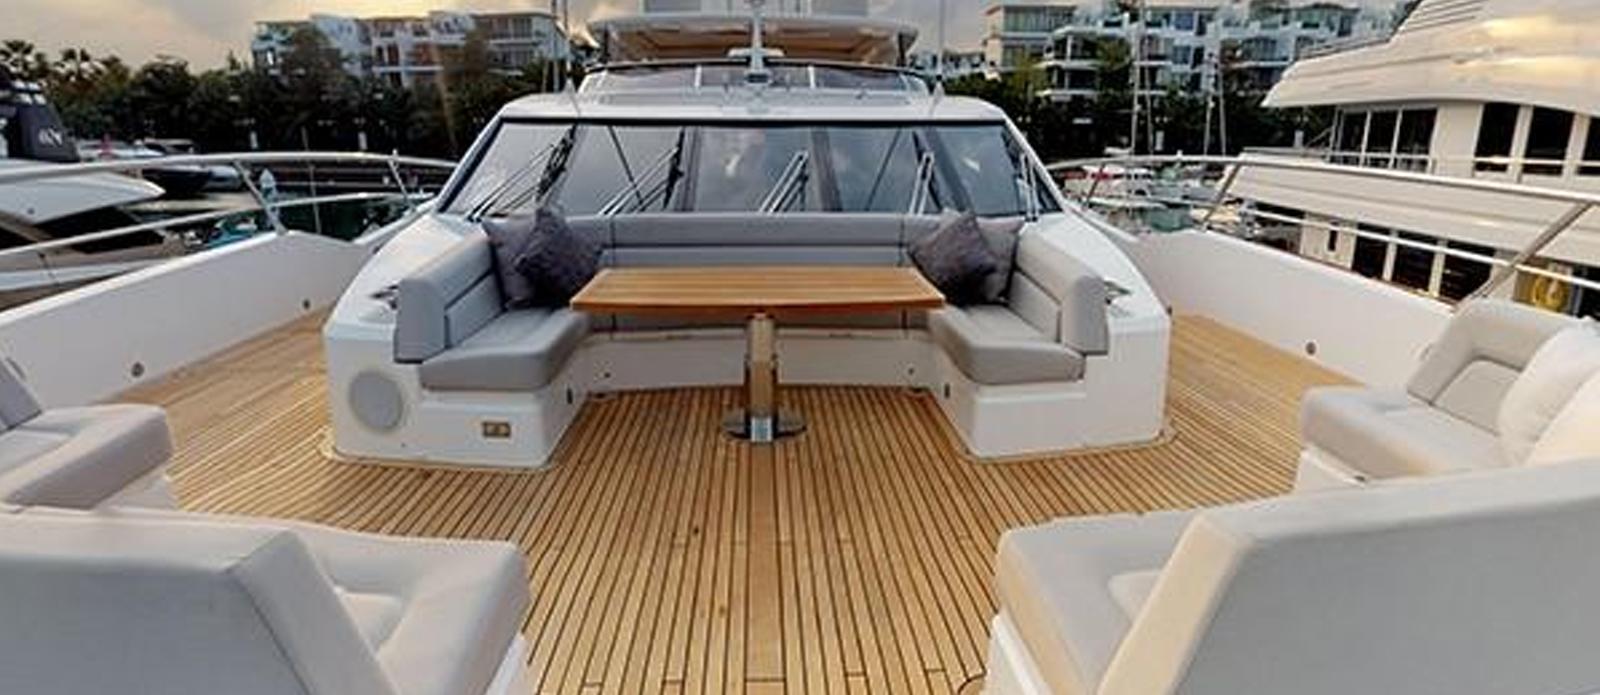 Sunseeker-116-Sport-Yacht-Priceless-20